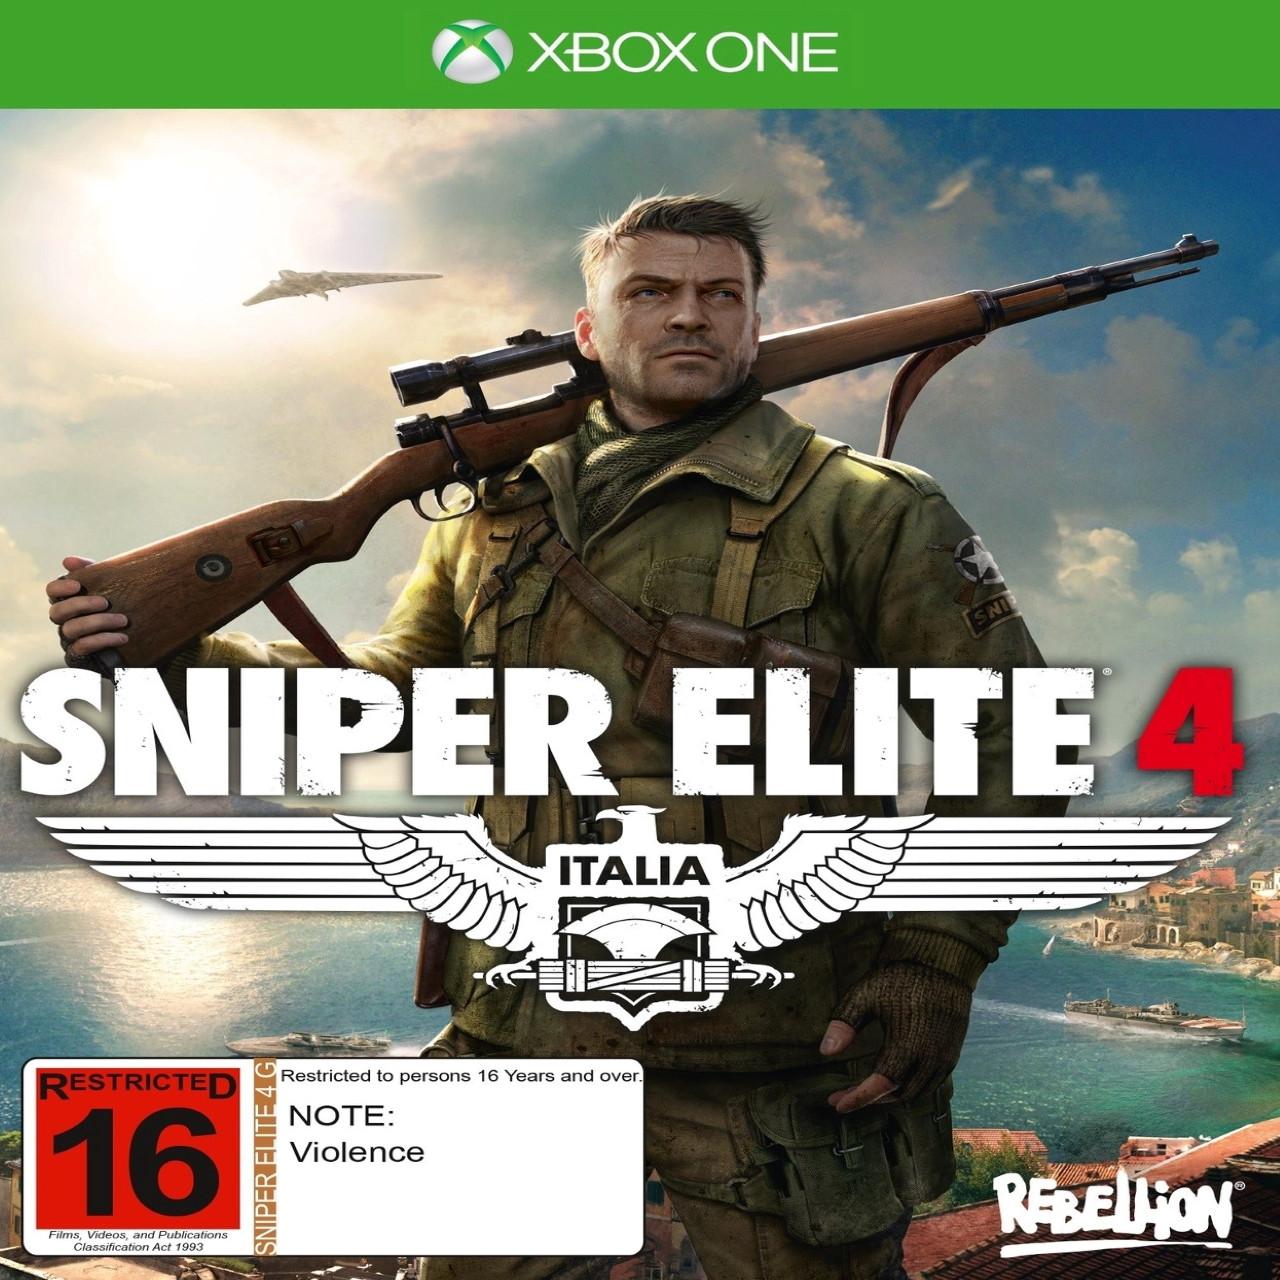 Sniper Elite 4 XBOX ONE (російська версія)